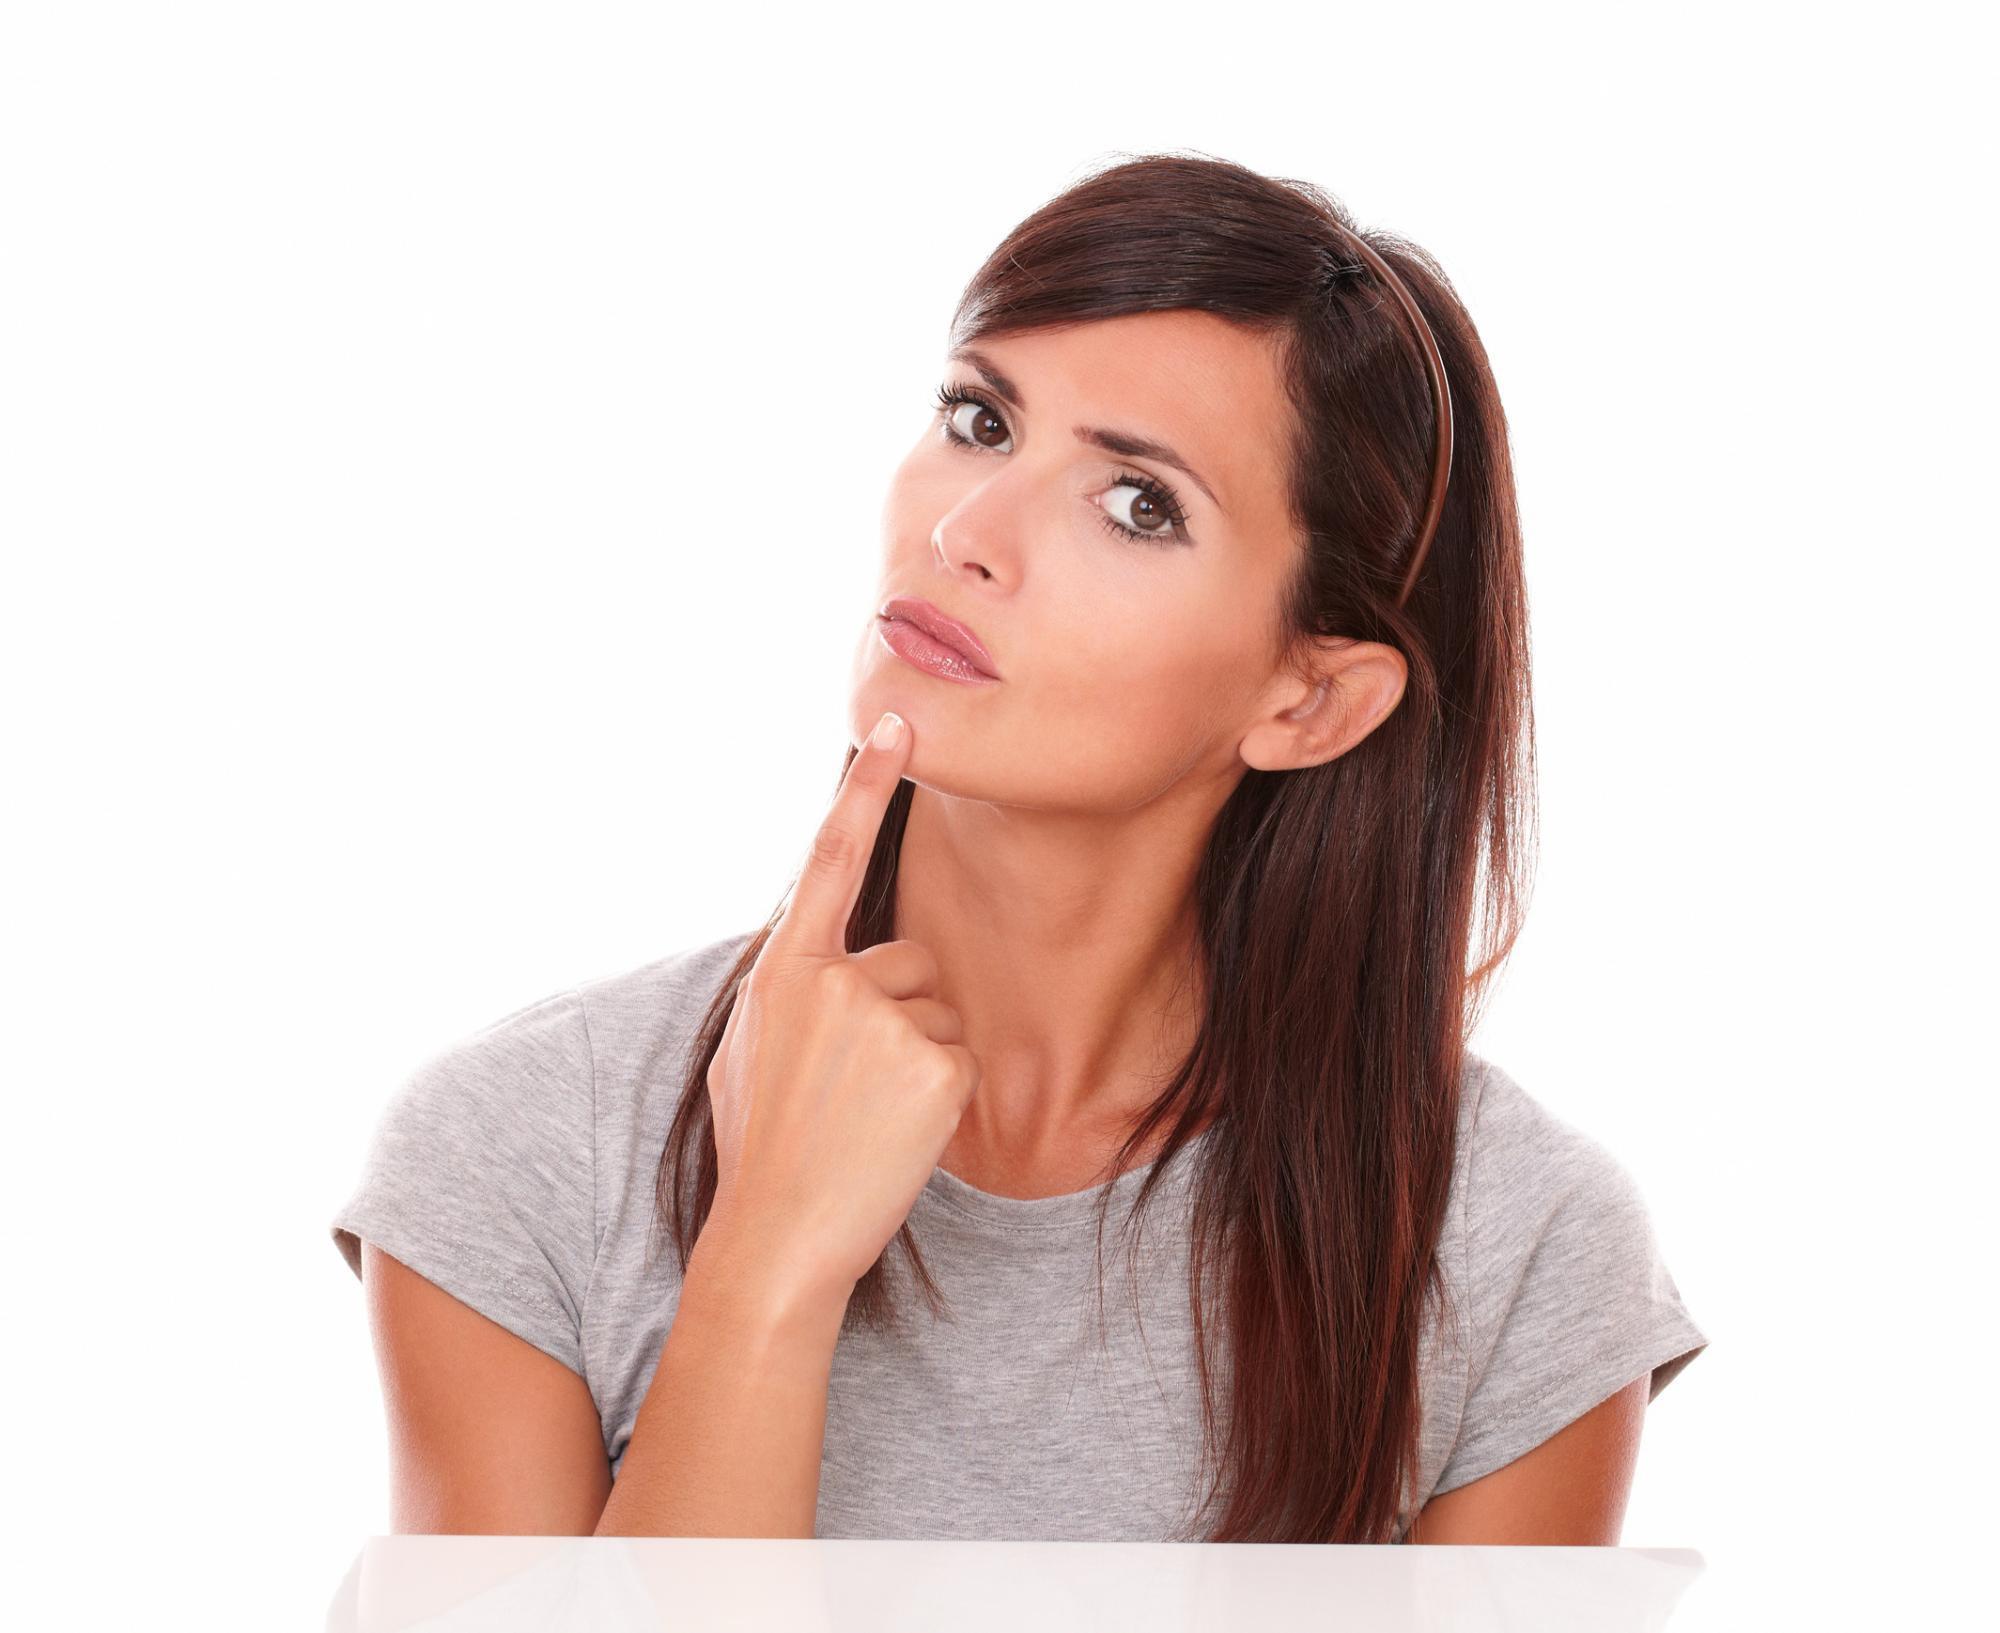 Fausse couche est ce risqu de retomber enceinte rapidement medisite - Fausse couche retomber enceinte ...